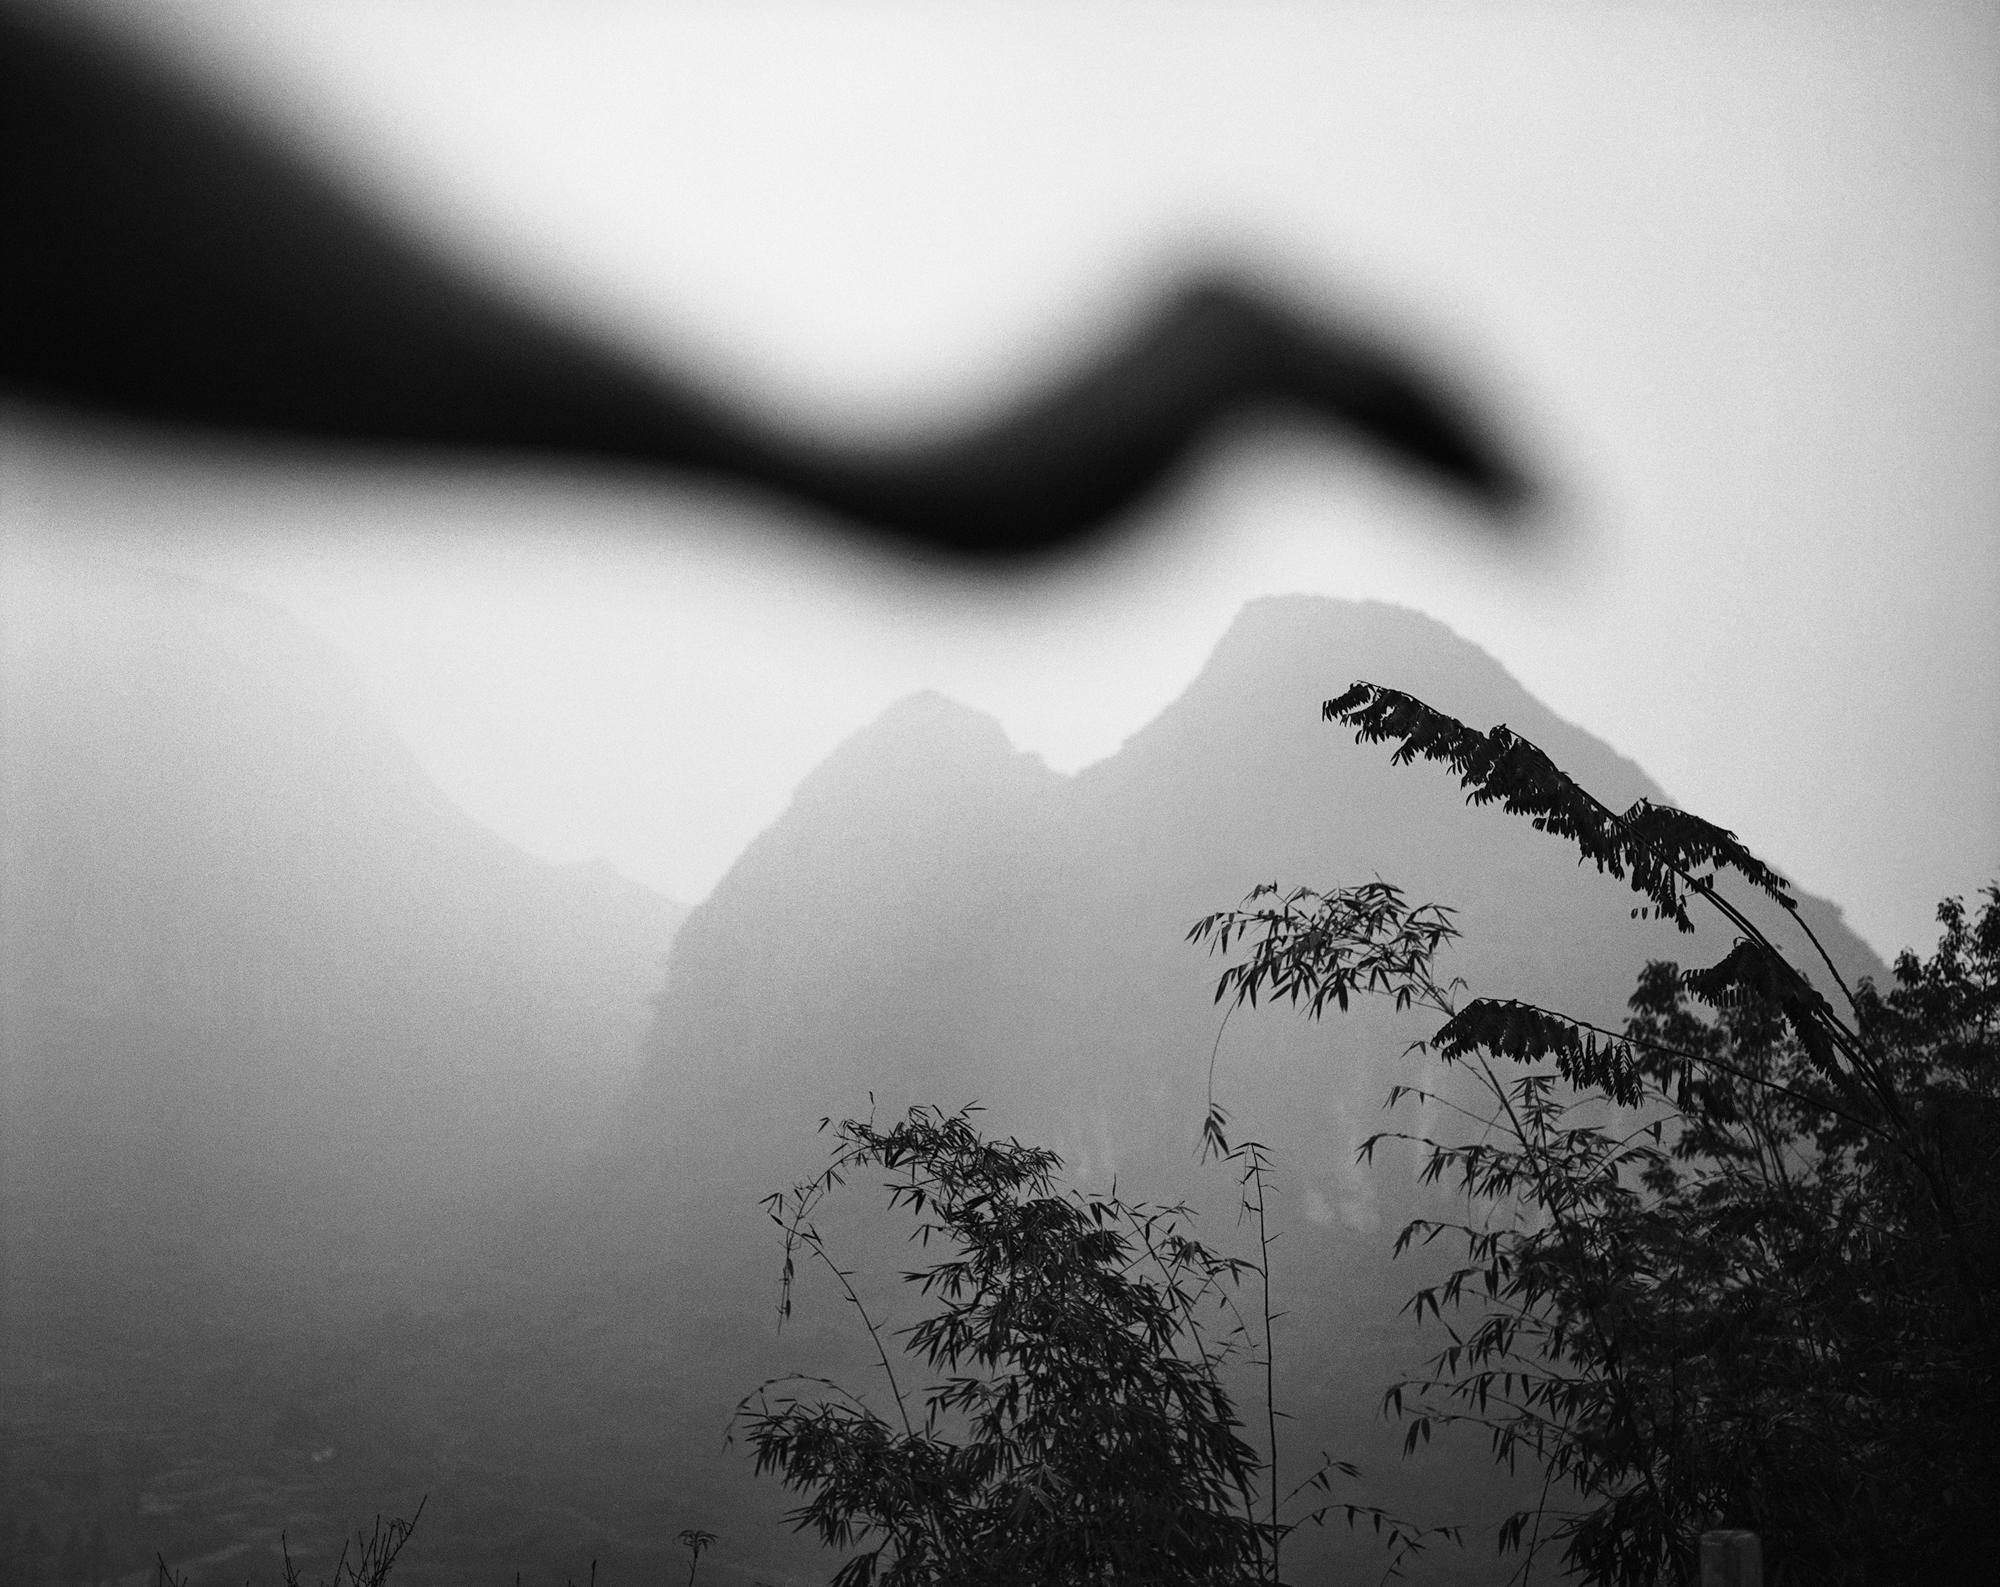 Arno Rafael MInkkinen - Bird of Lianzhou, Lianzhou, China